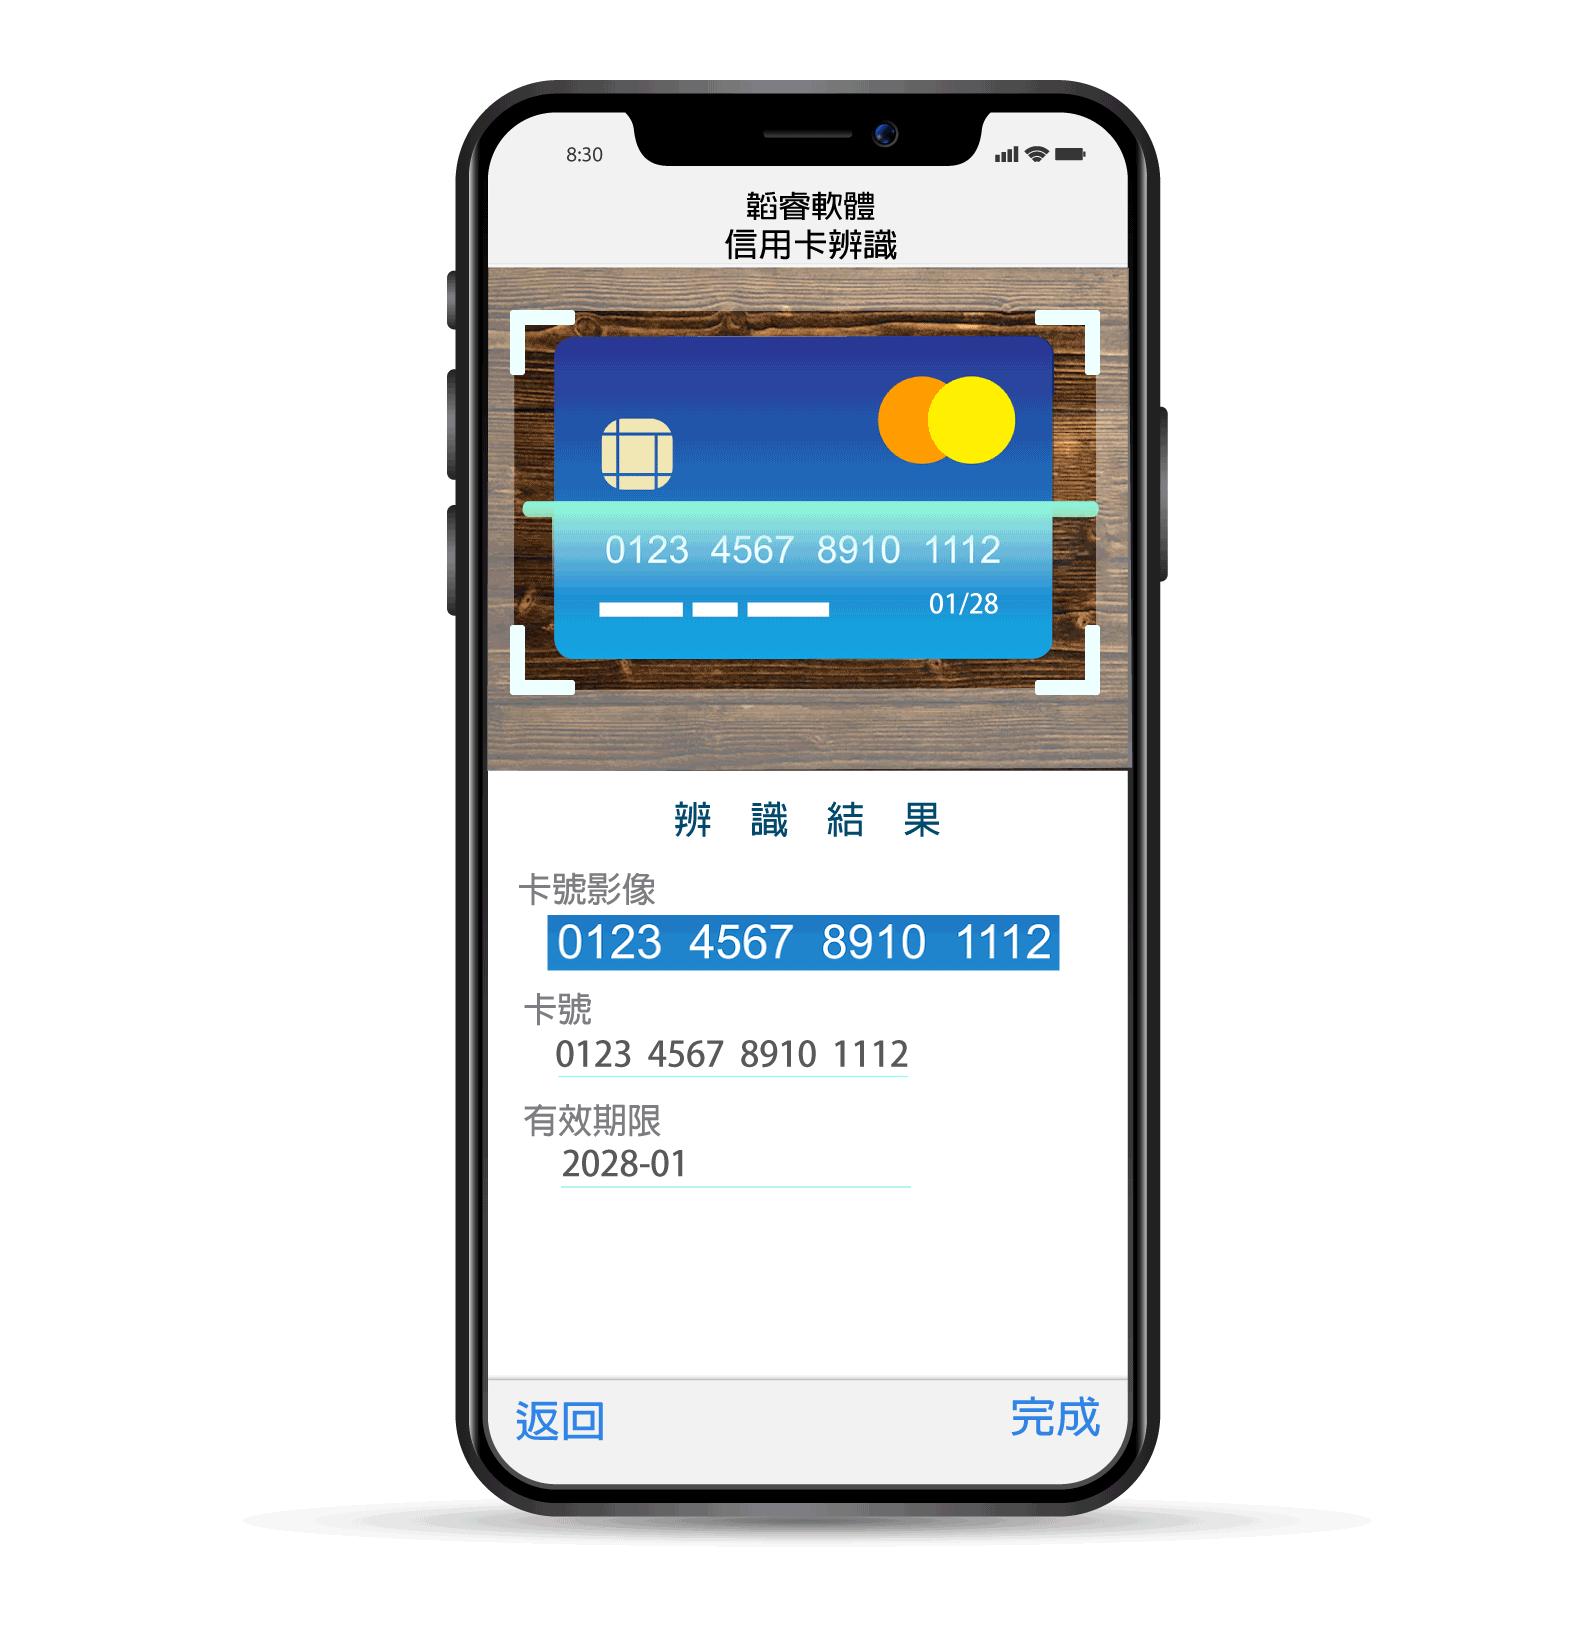 信用卡辨識引擎一般信用卡